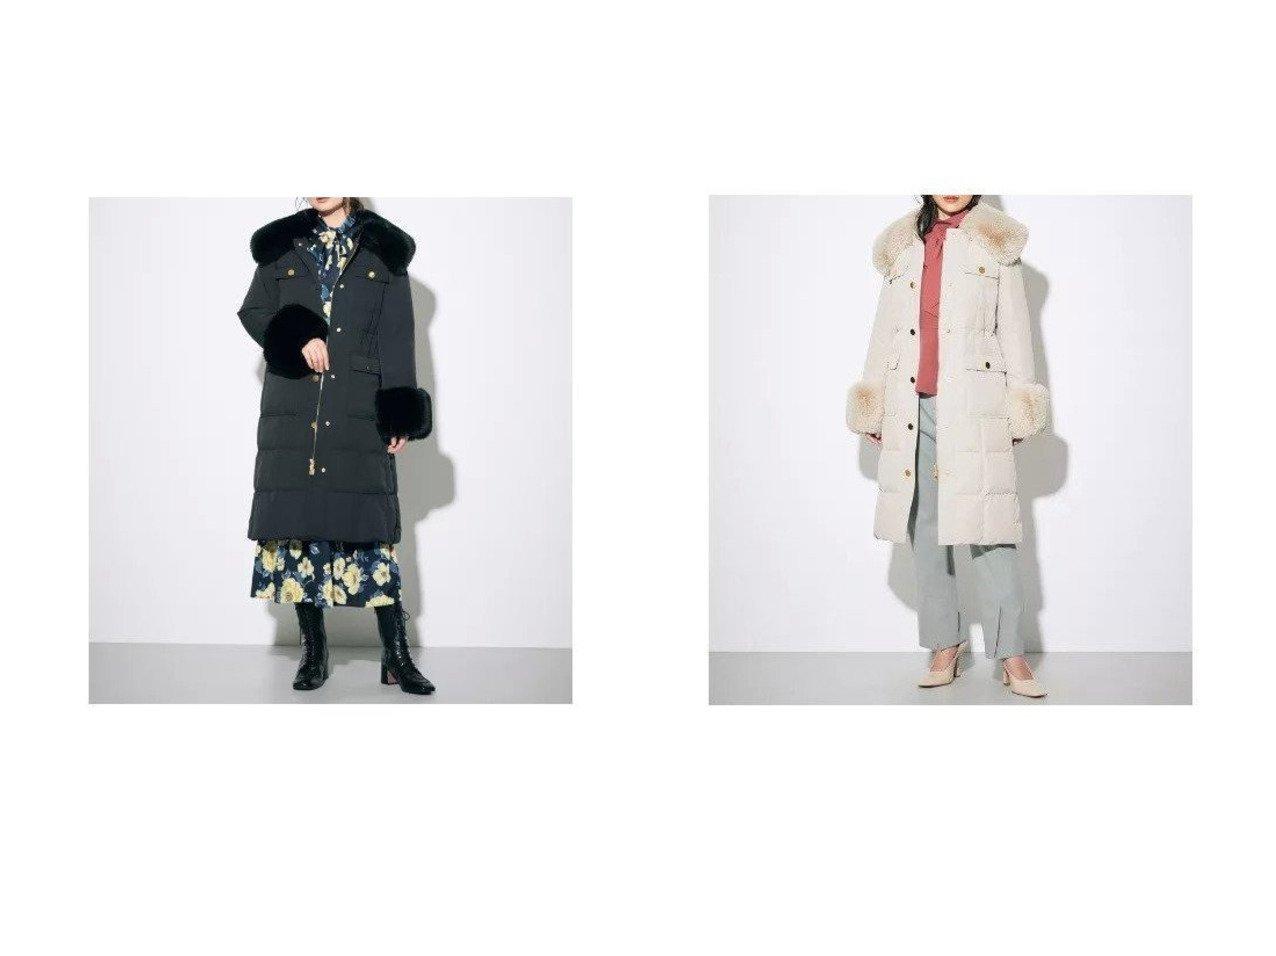 【GRACE CONTINENTAL/グレース コンチネンタル】のキルトロングダウンコート 【アウター】おすすめ!人気、トレンド・レディースファッションの通販 おすすめで人気の流行・トレンド、ファッションの通販商品 インテリア・家具・メンズファッション・キッズファッション・レディースファッション・服の通販 founy(ファニー) https://founy.com/ ファッション Fashion レディースファッション WOMEN アウター Coat Outerwear コート Coats ダウン Down Coats And Jackets キルト ジャケット スクエア タフタ ダウン フェザー メタル リアル  ID:crp329100000074430